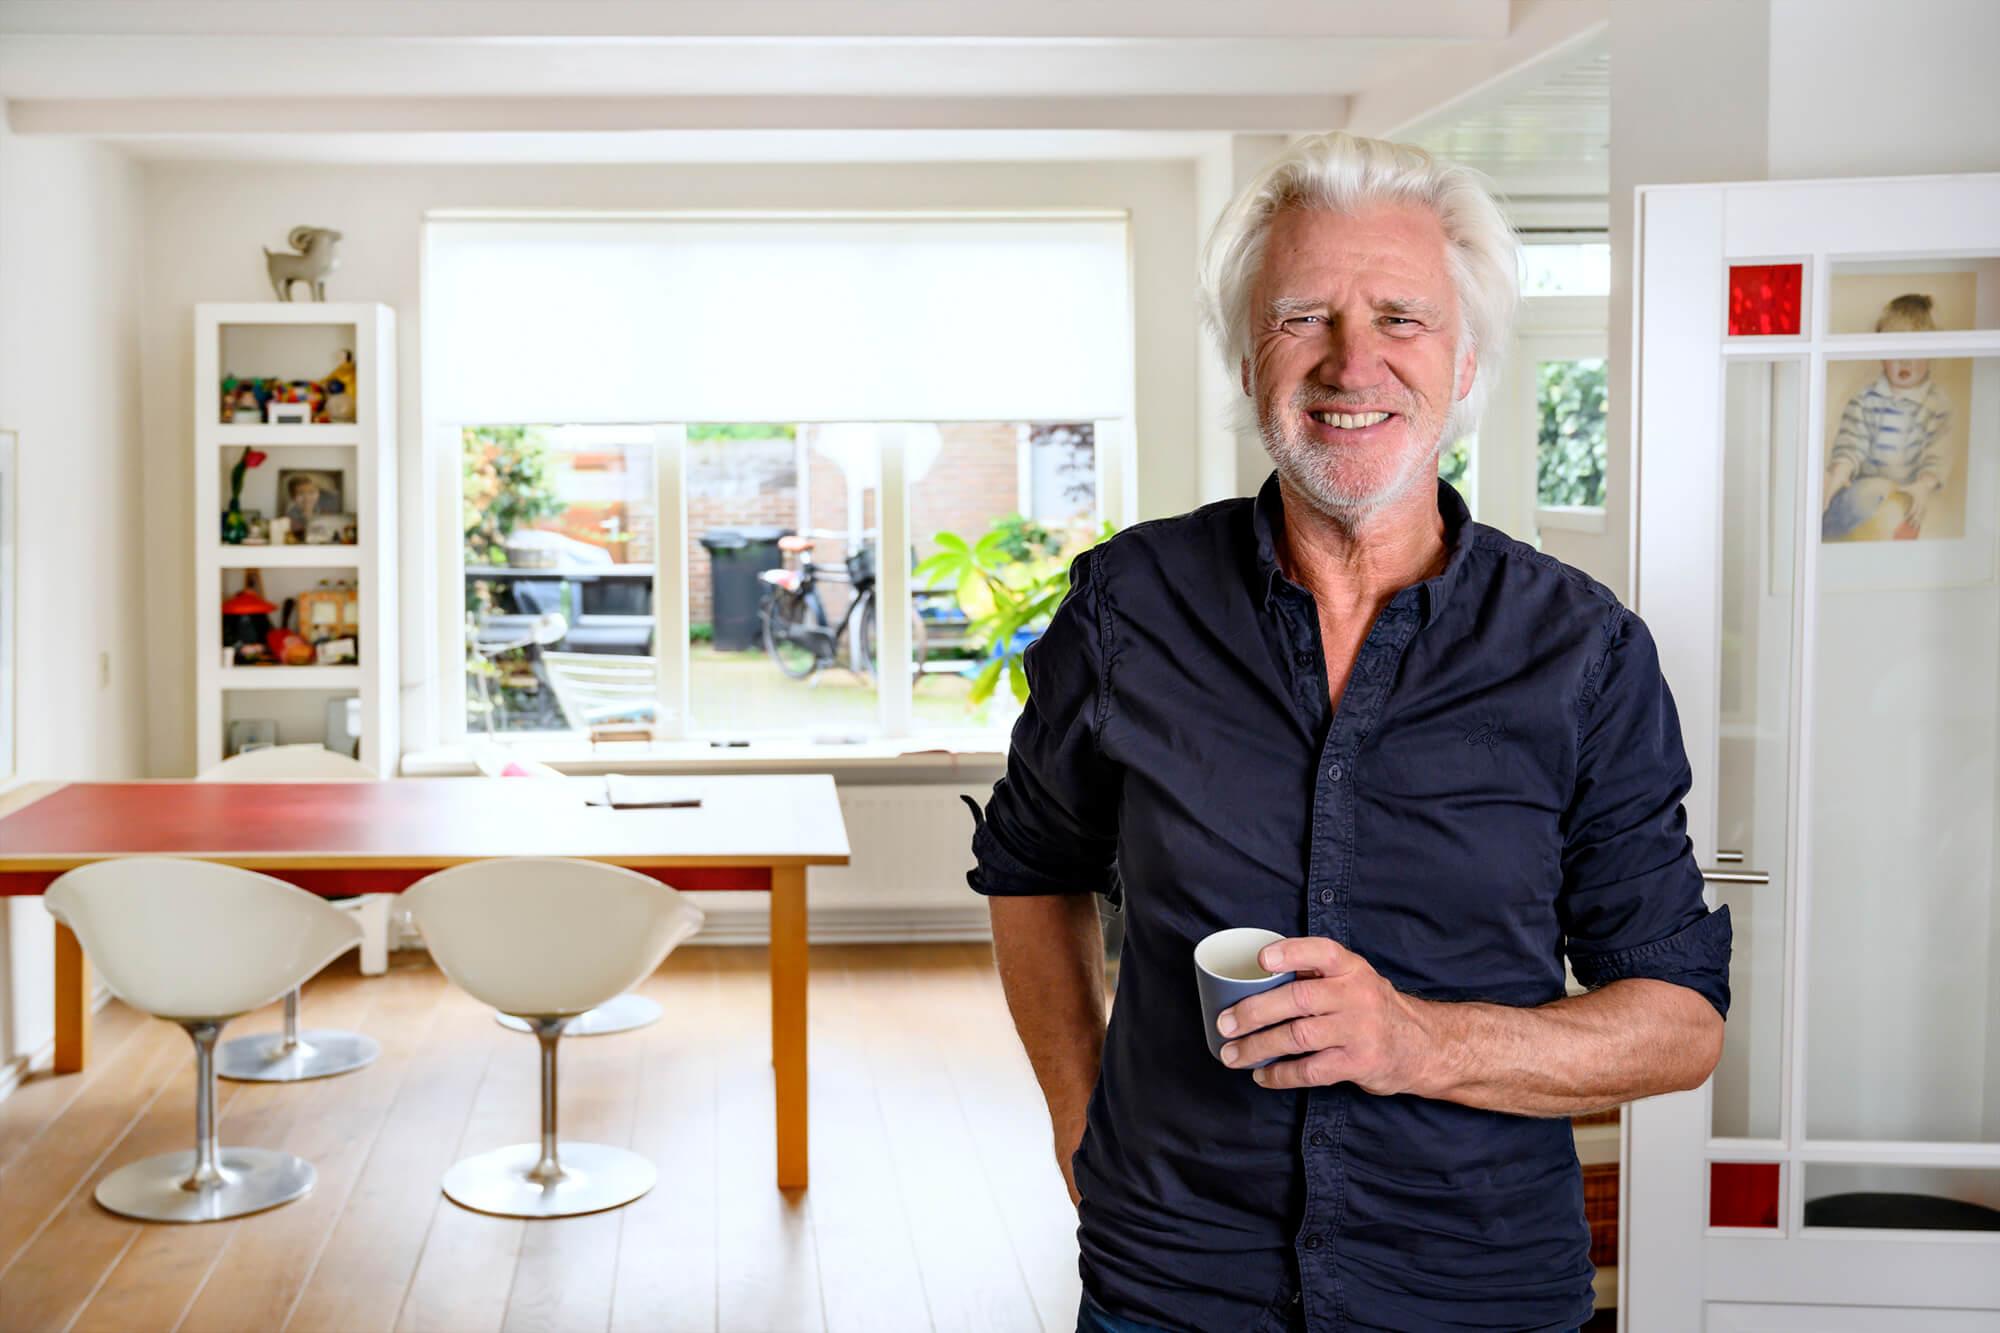 Hypotheek klantverhaal Nick Duindam - SNS Bank